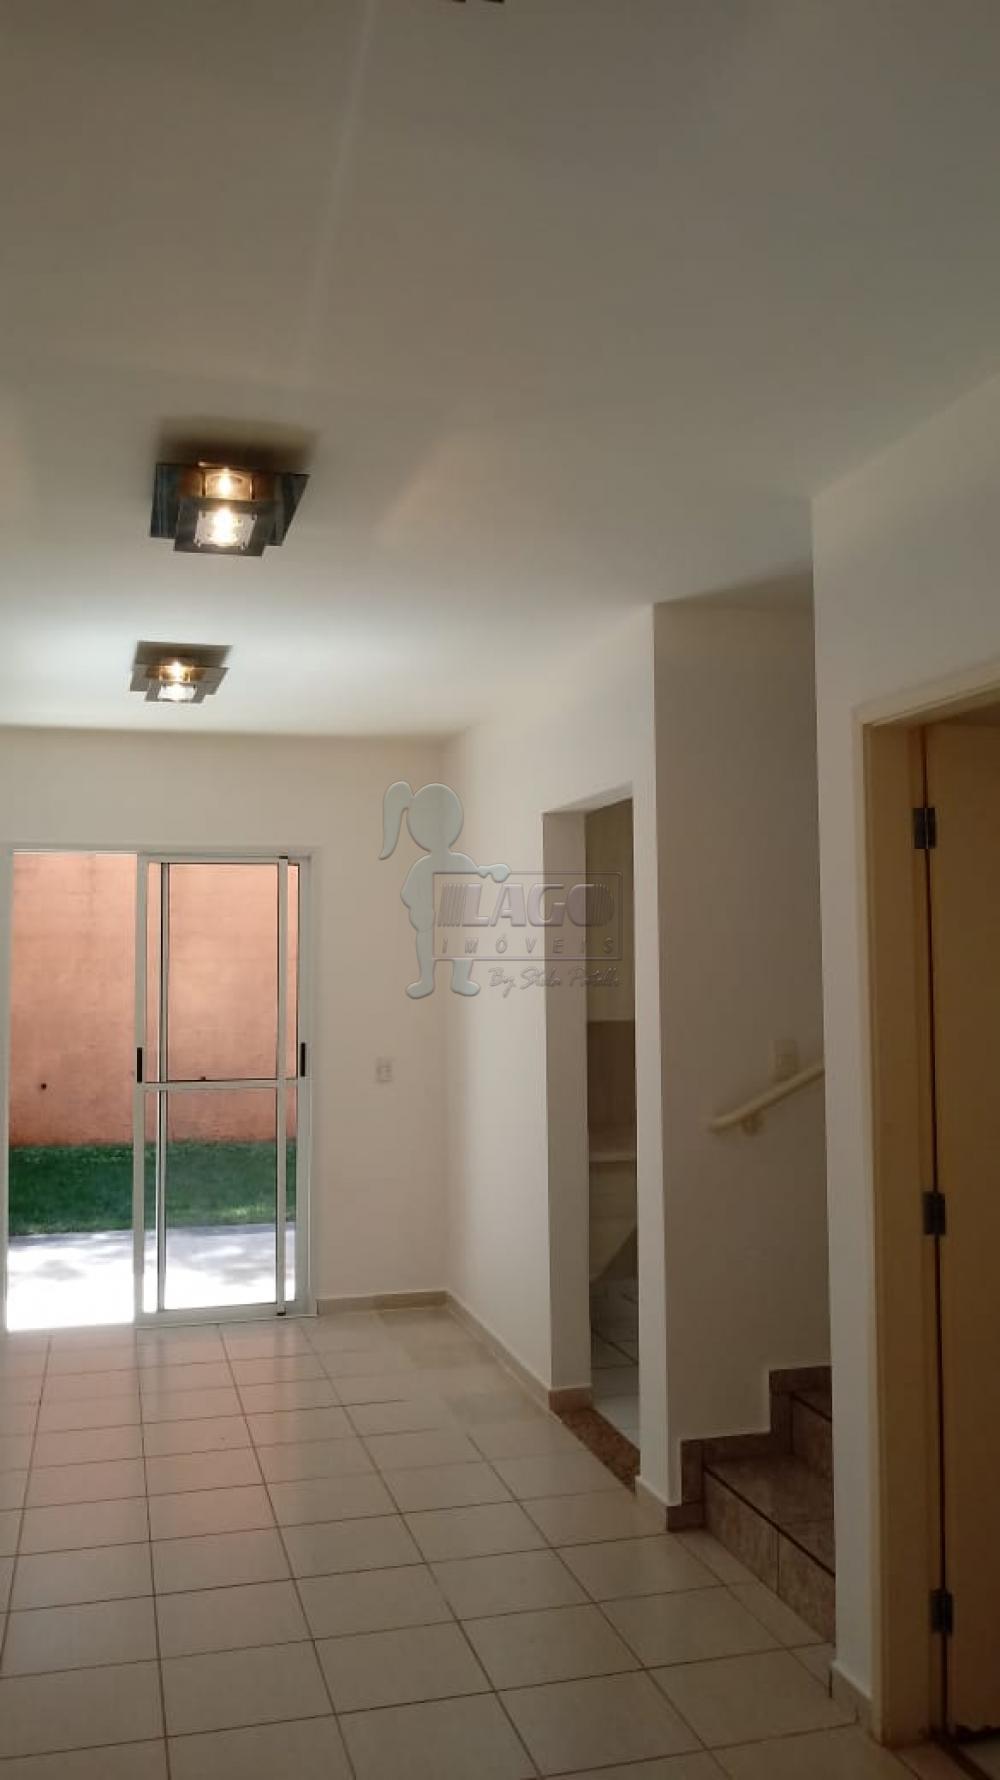 Alugar Casas / Condomínio em Ribeirão Preto apenas R$ 1.800,00 - Foto 2